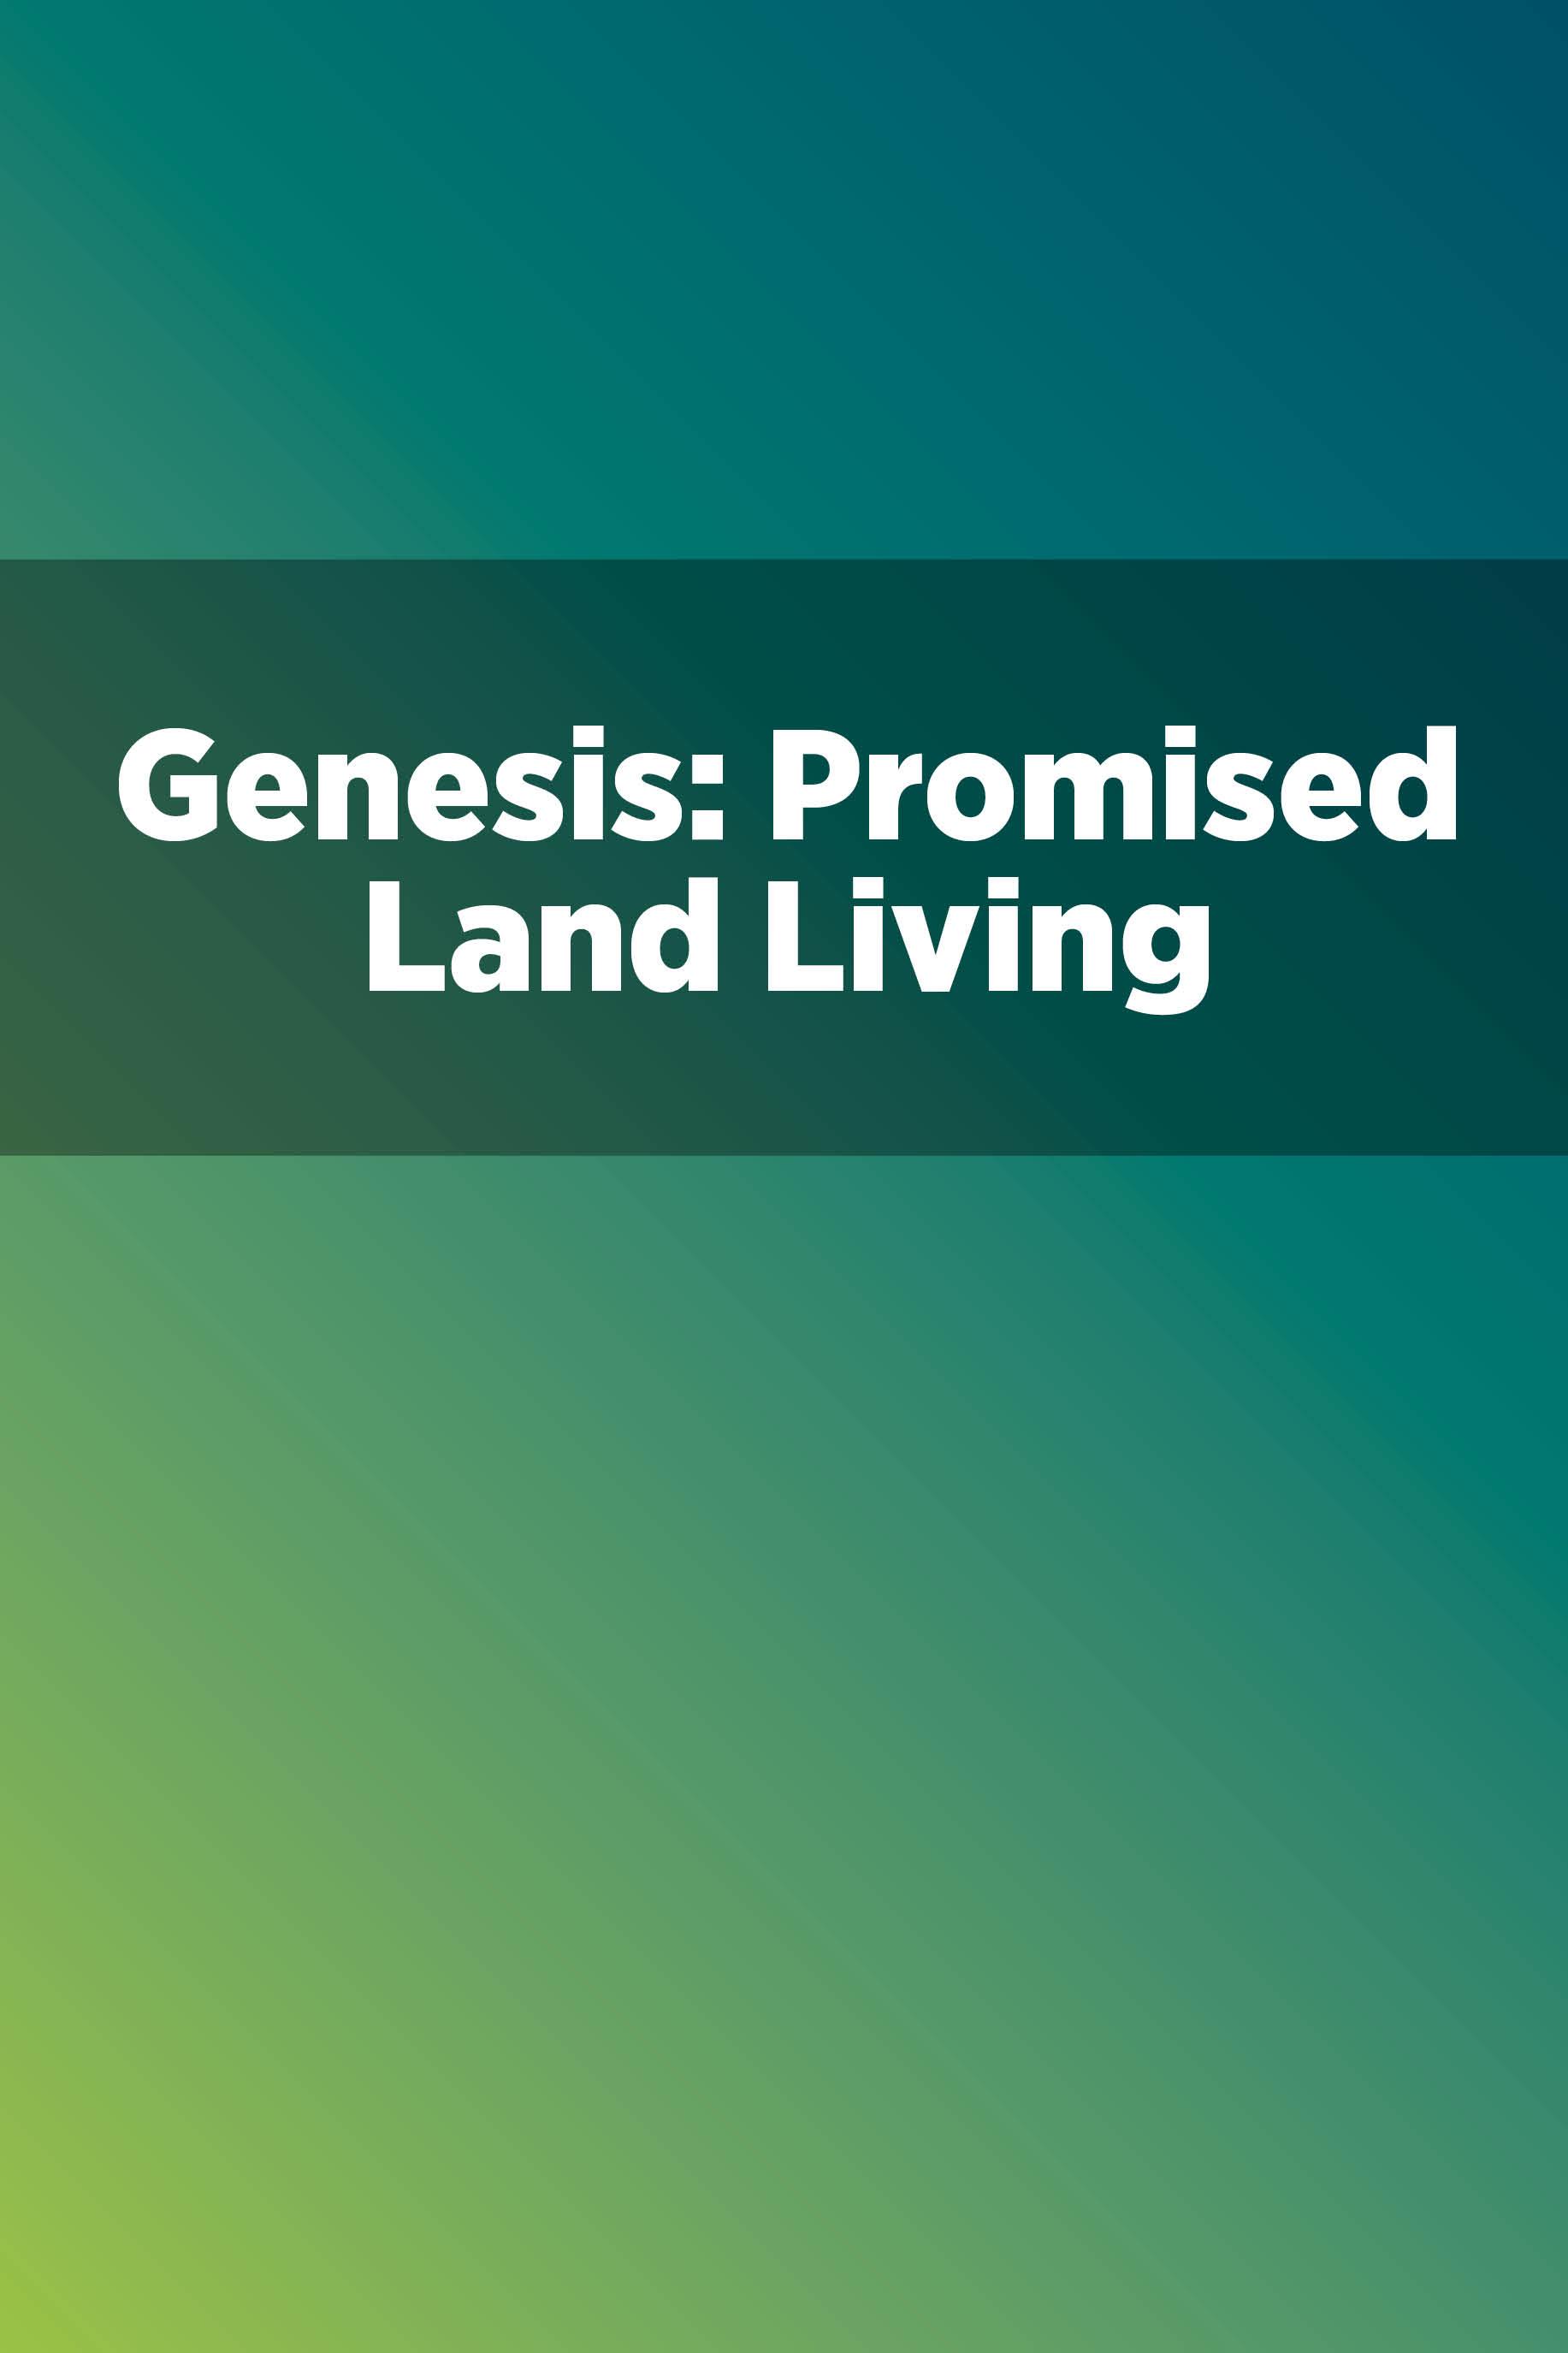 Genesis: Promised Land Living